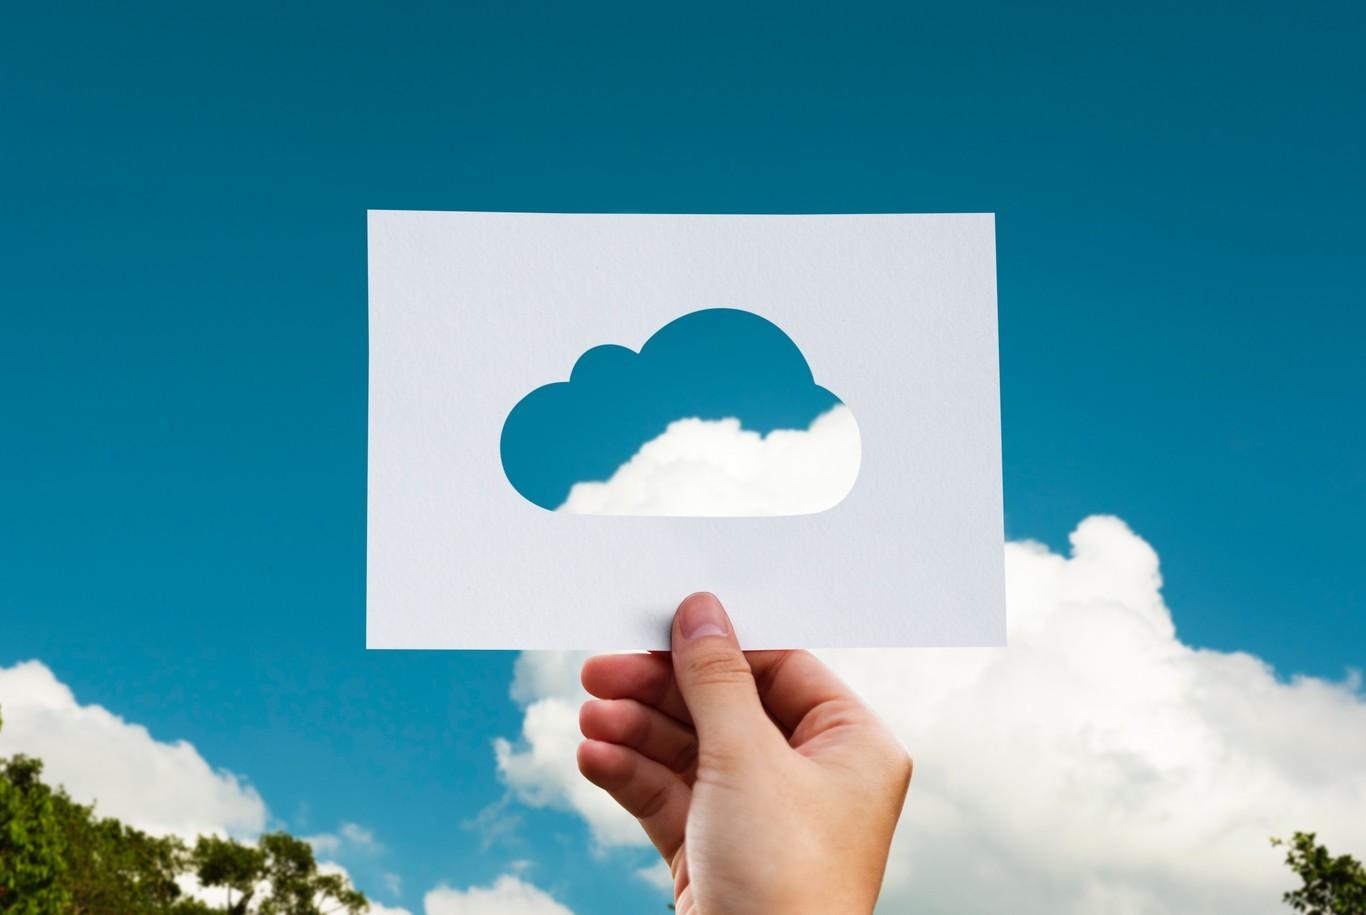 Cómo Organizo Mi Vida En La Nube Las Plataformas Y Métodos De Organización Que Usan Los Editores De Xataka